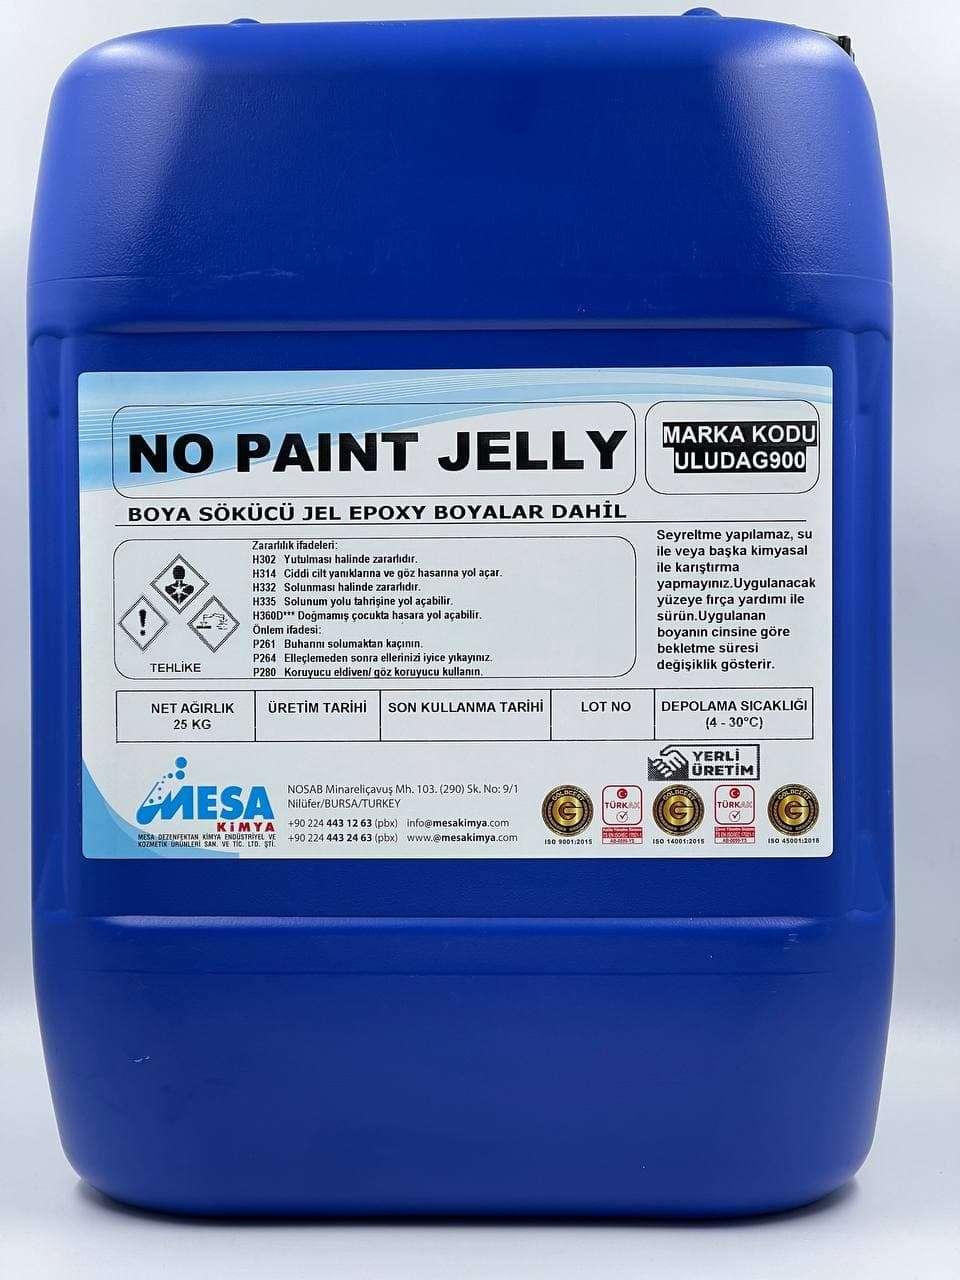 Boya sökücü jel no paint jelly 25 Kg